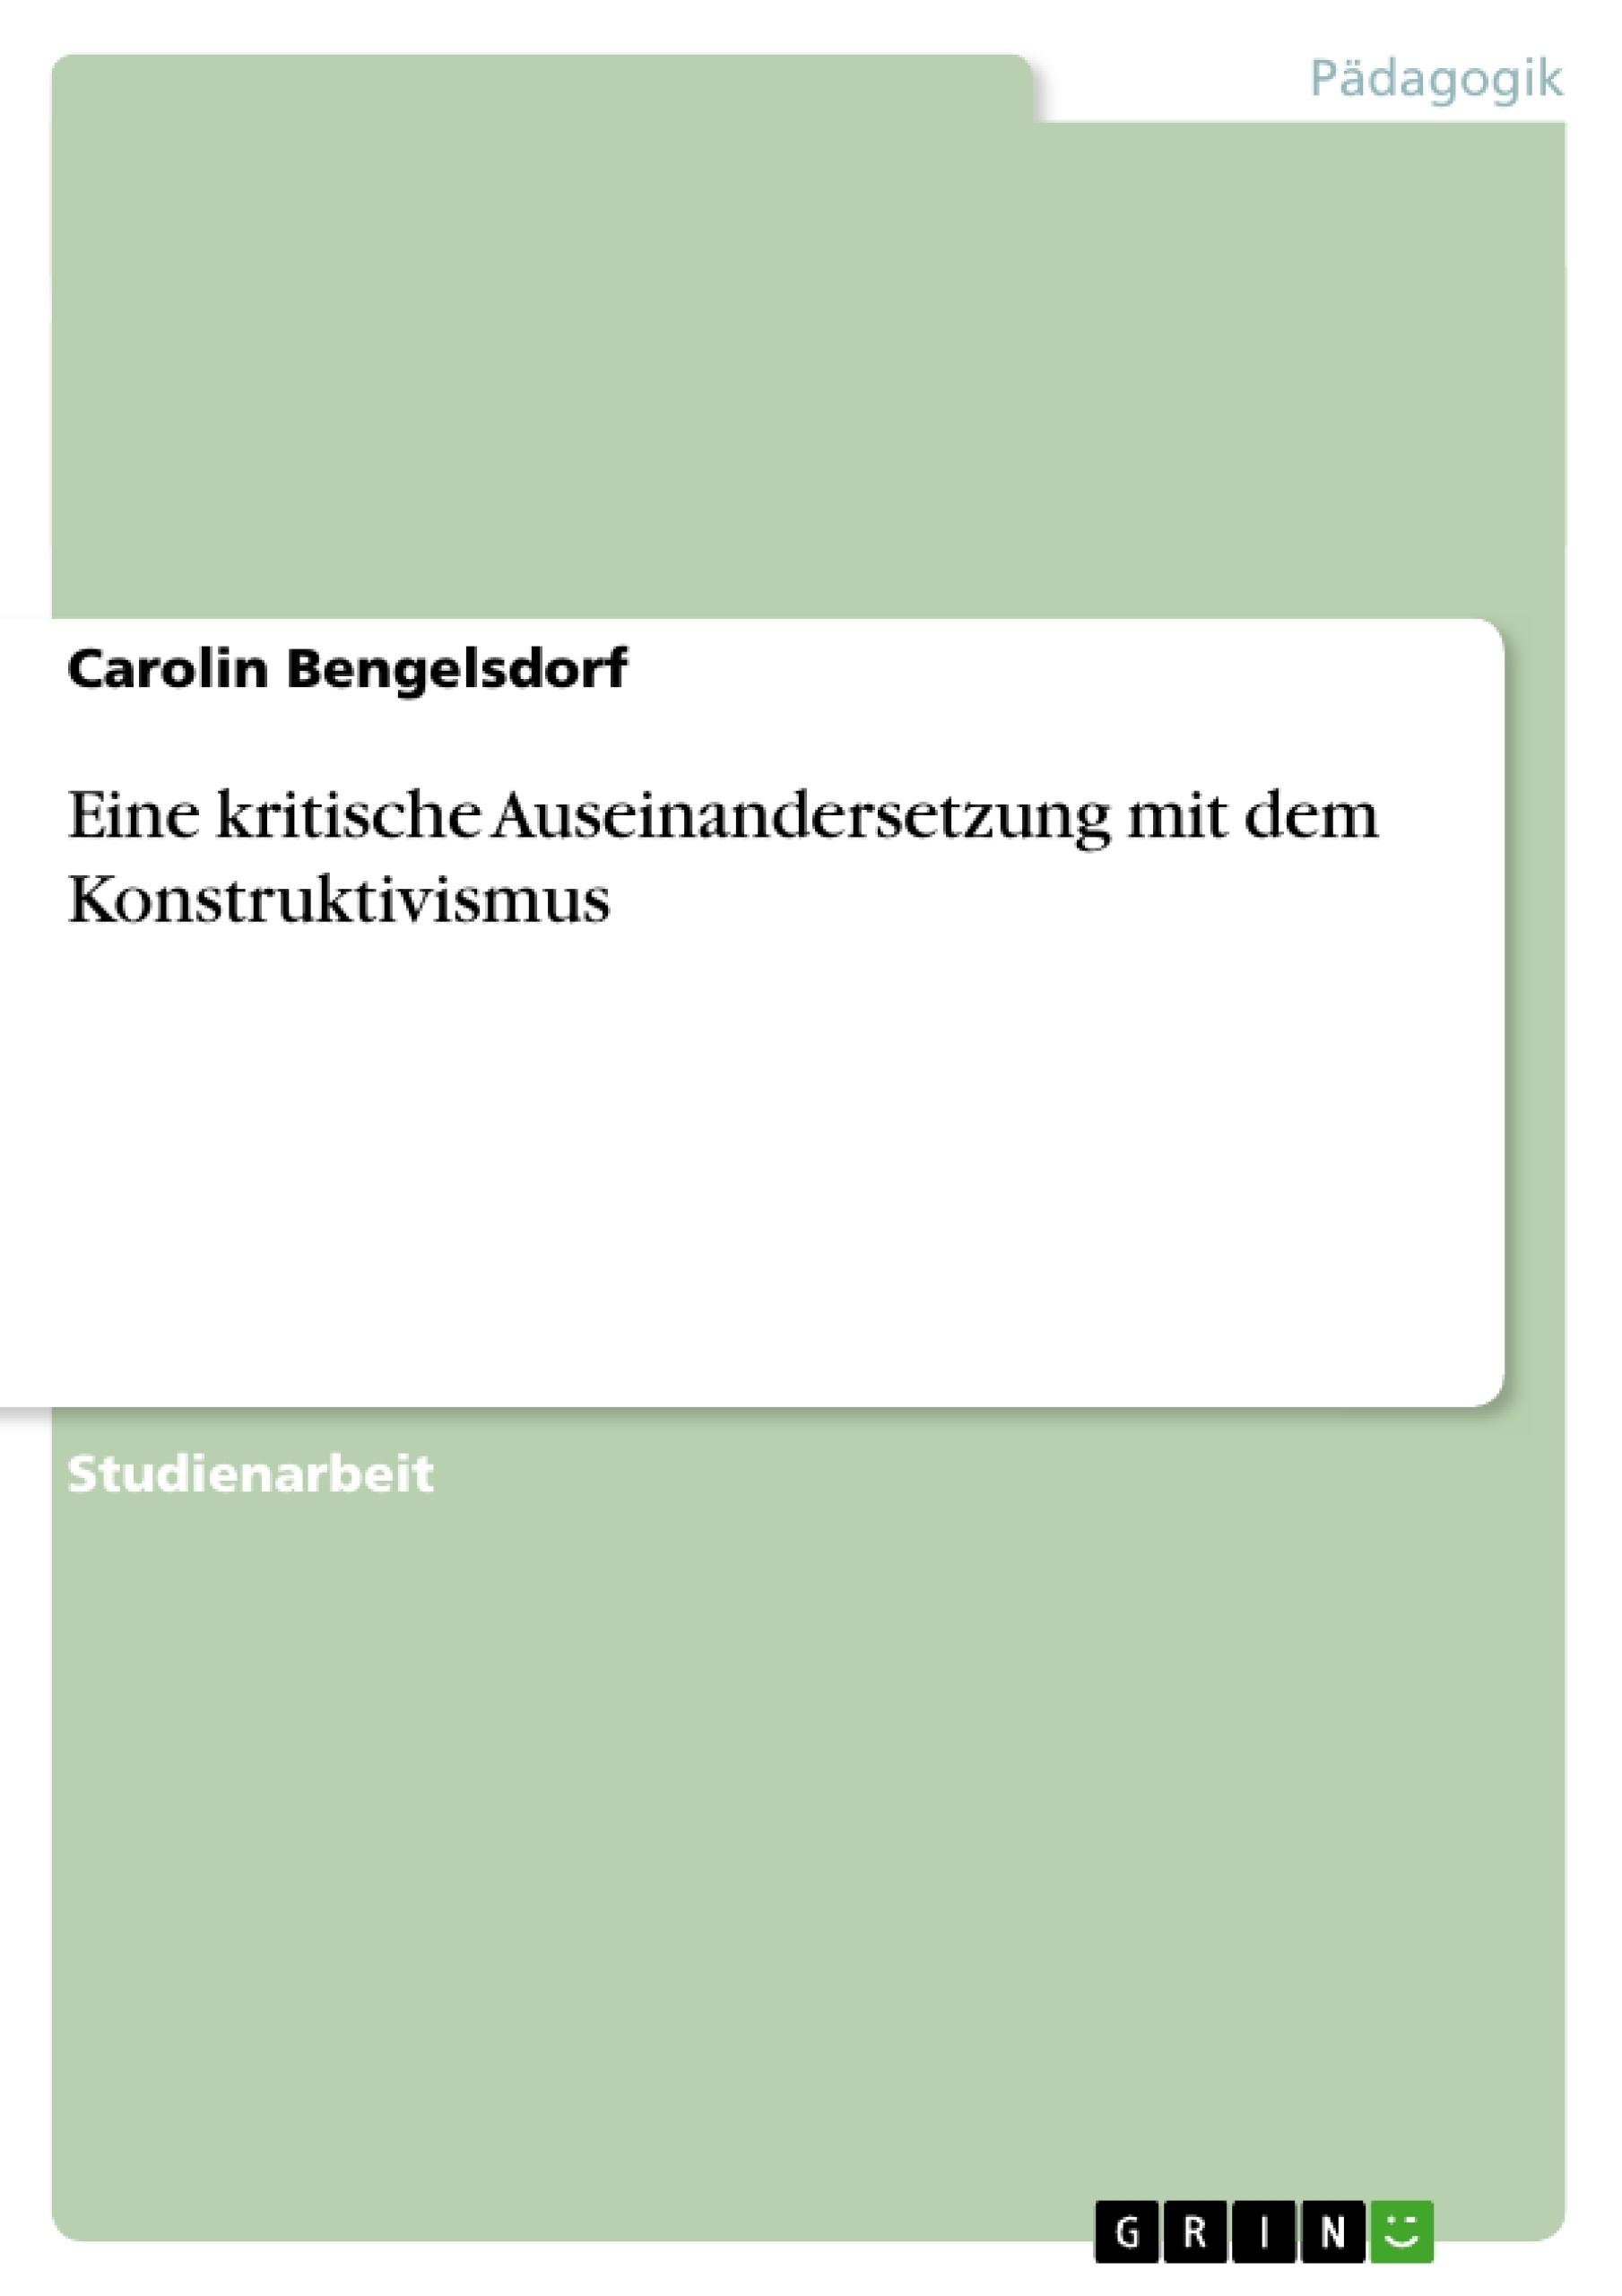 Titel: Eine kritische Auseinandersetzung mit dem Konstruktivismus